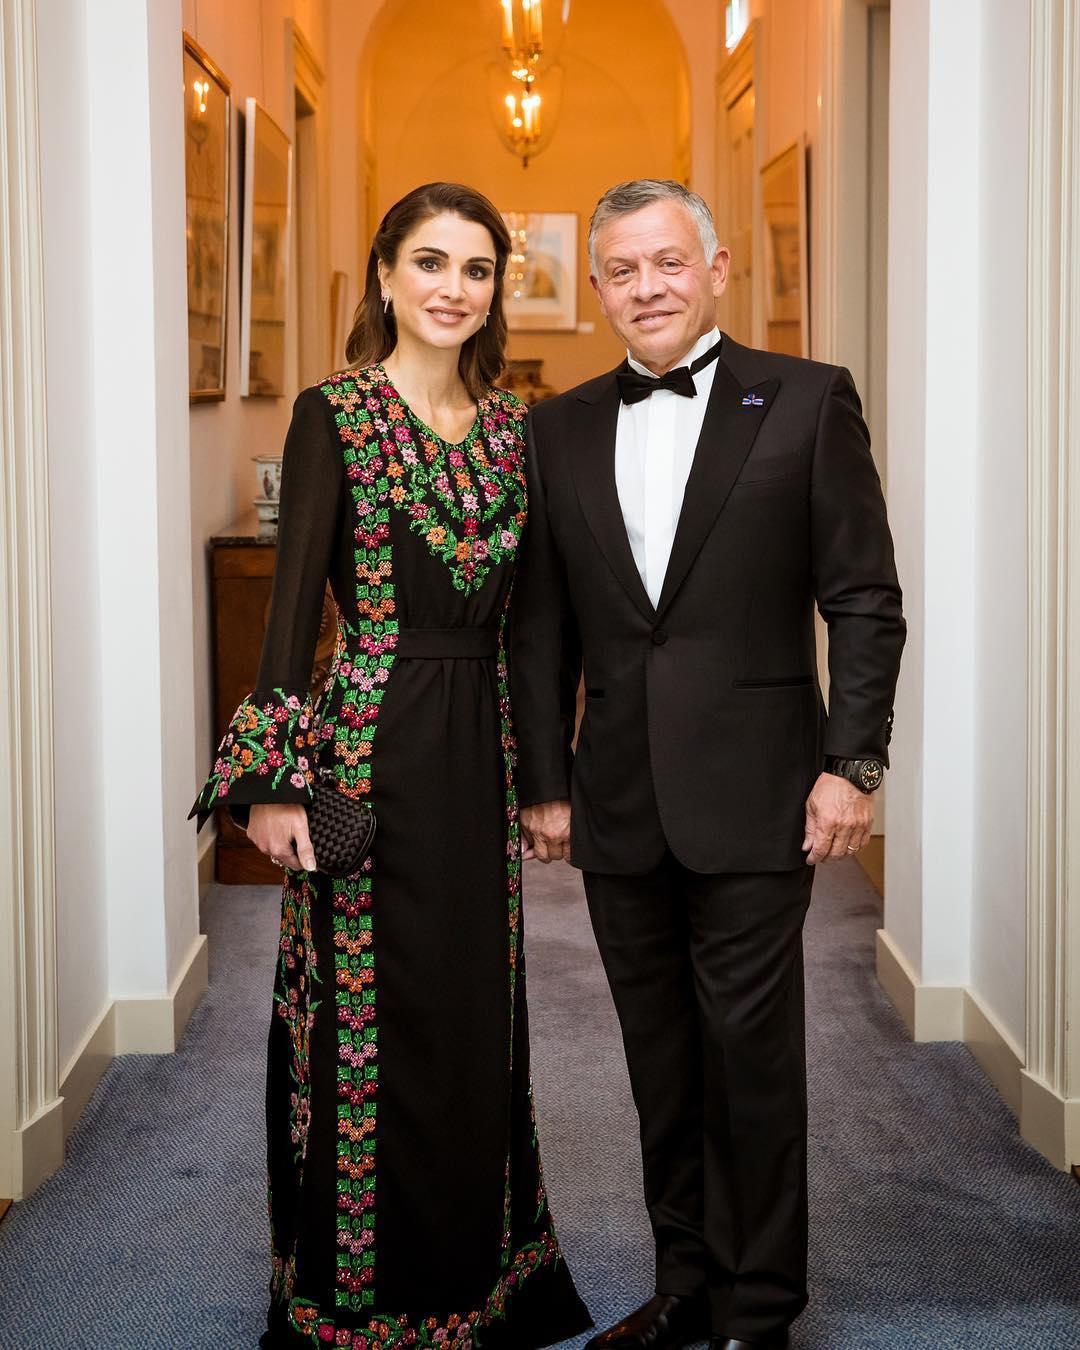 نتيجة بحث الصور عن الملكة رانيا في هولندا